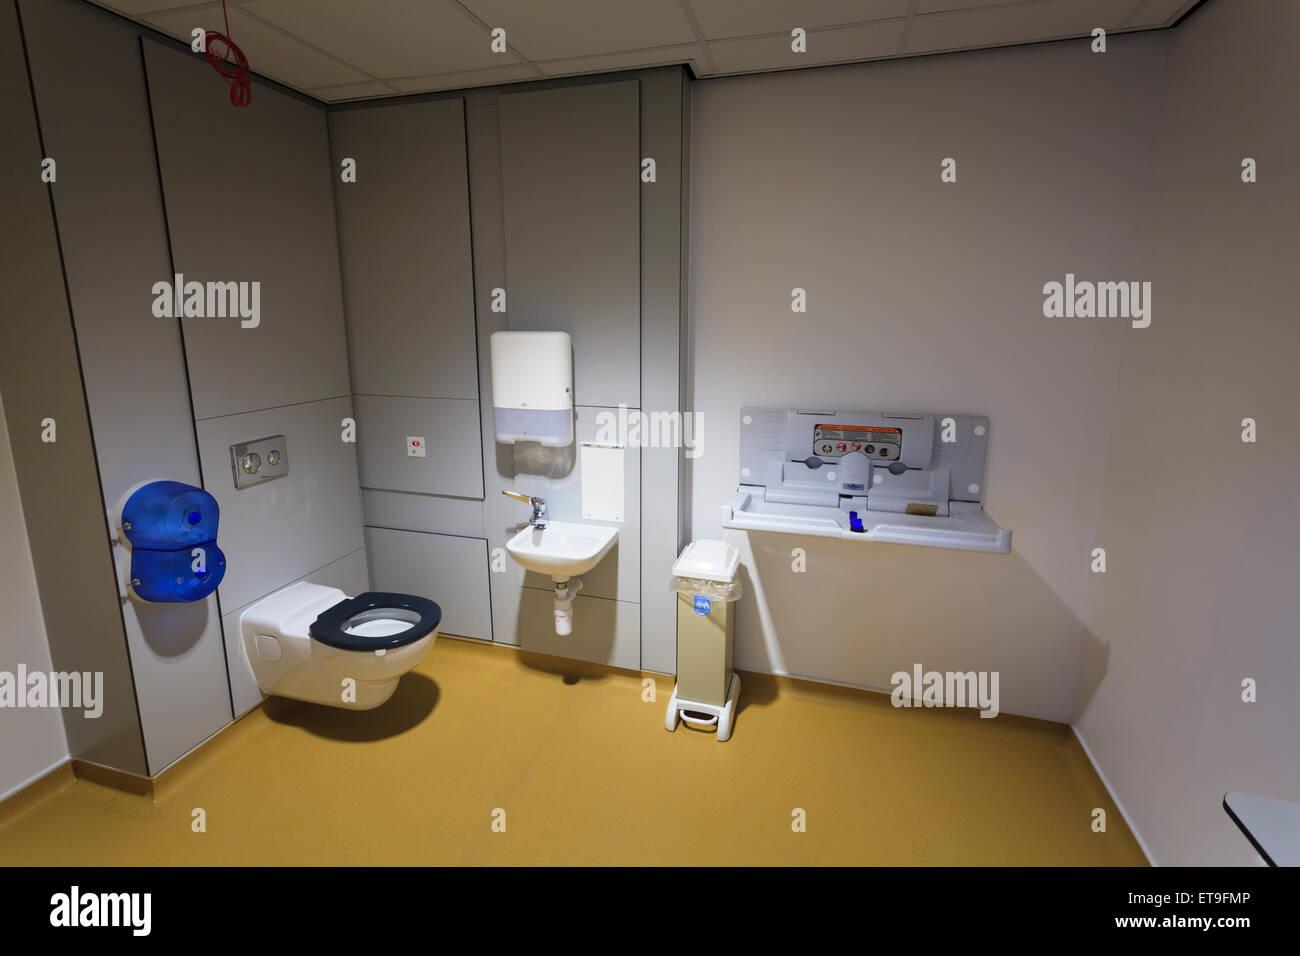 Bâtiment commercial avec toilettes fixée au mur à plat à l ...